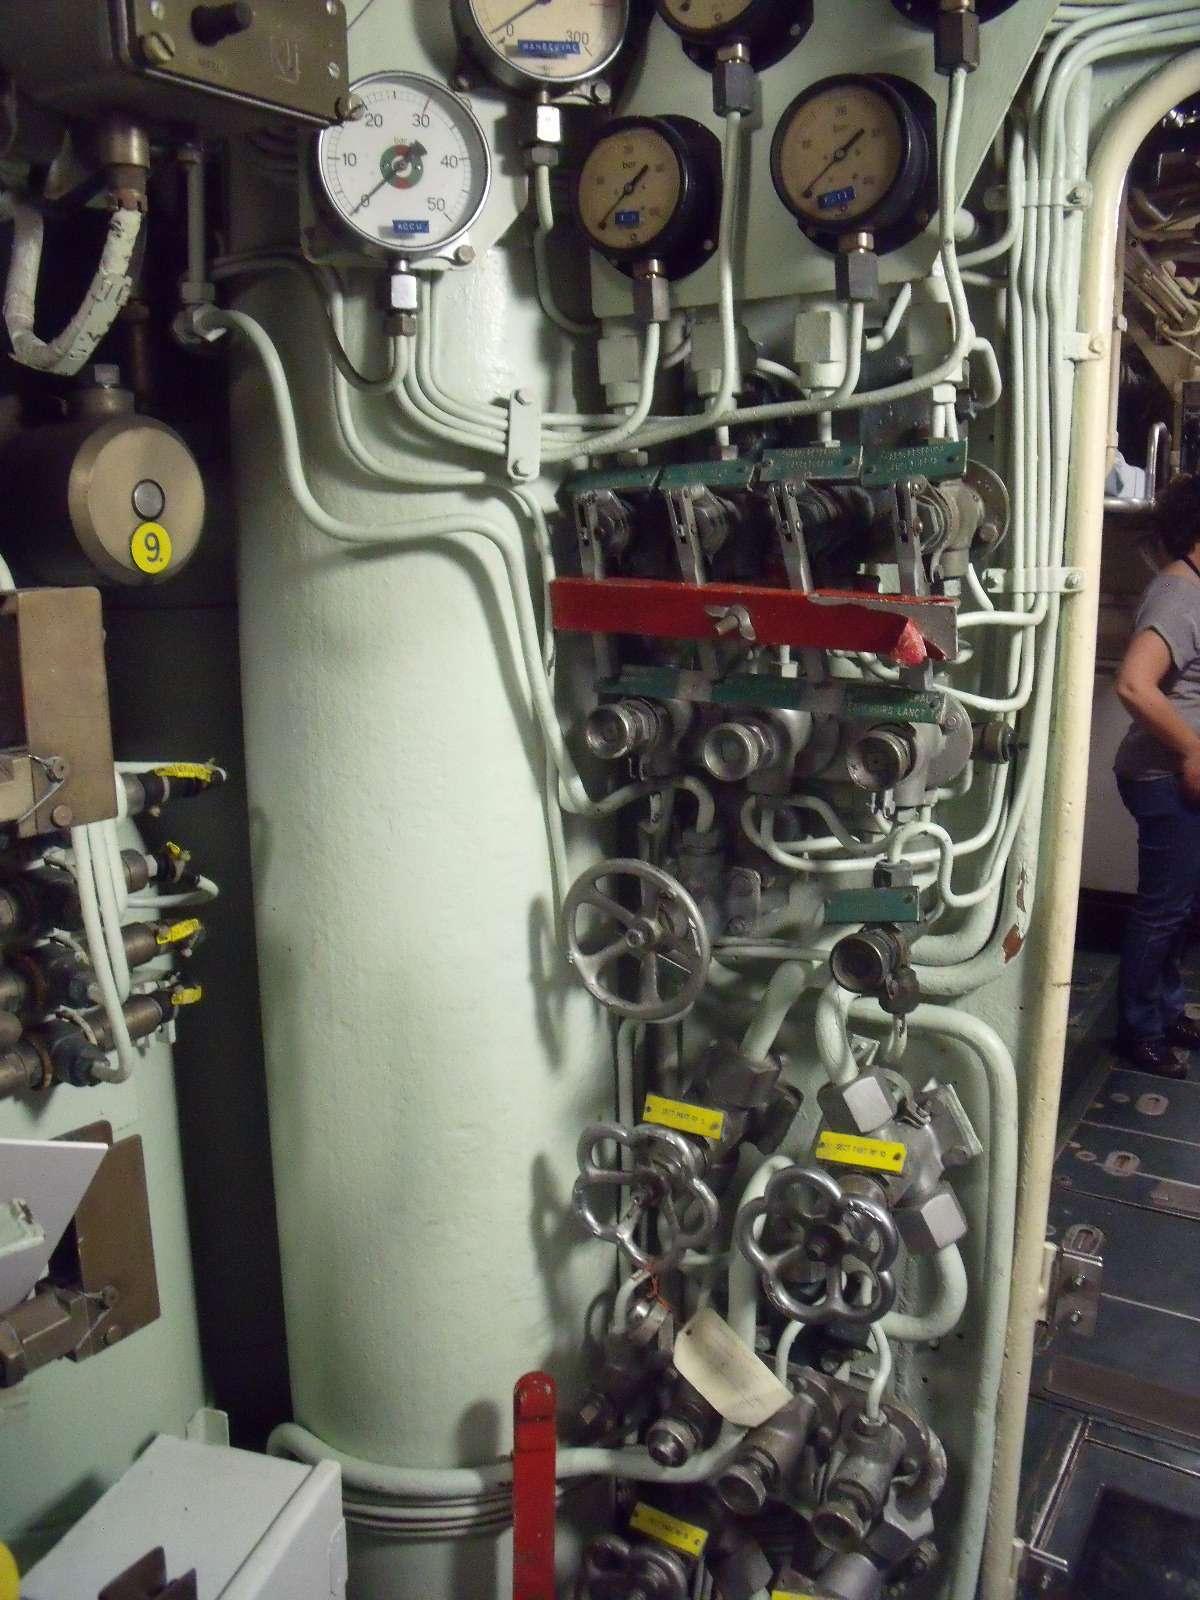 [ Divers - Les classiques ] La vie à bord d'un sous-marin classique - Page 4 Flore112